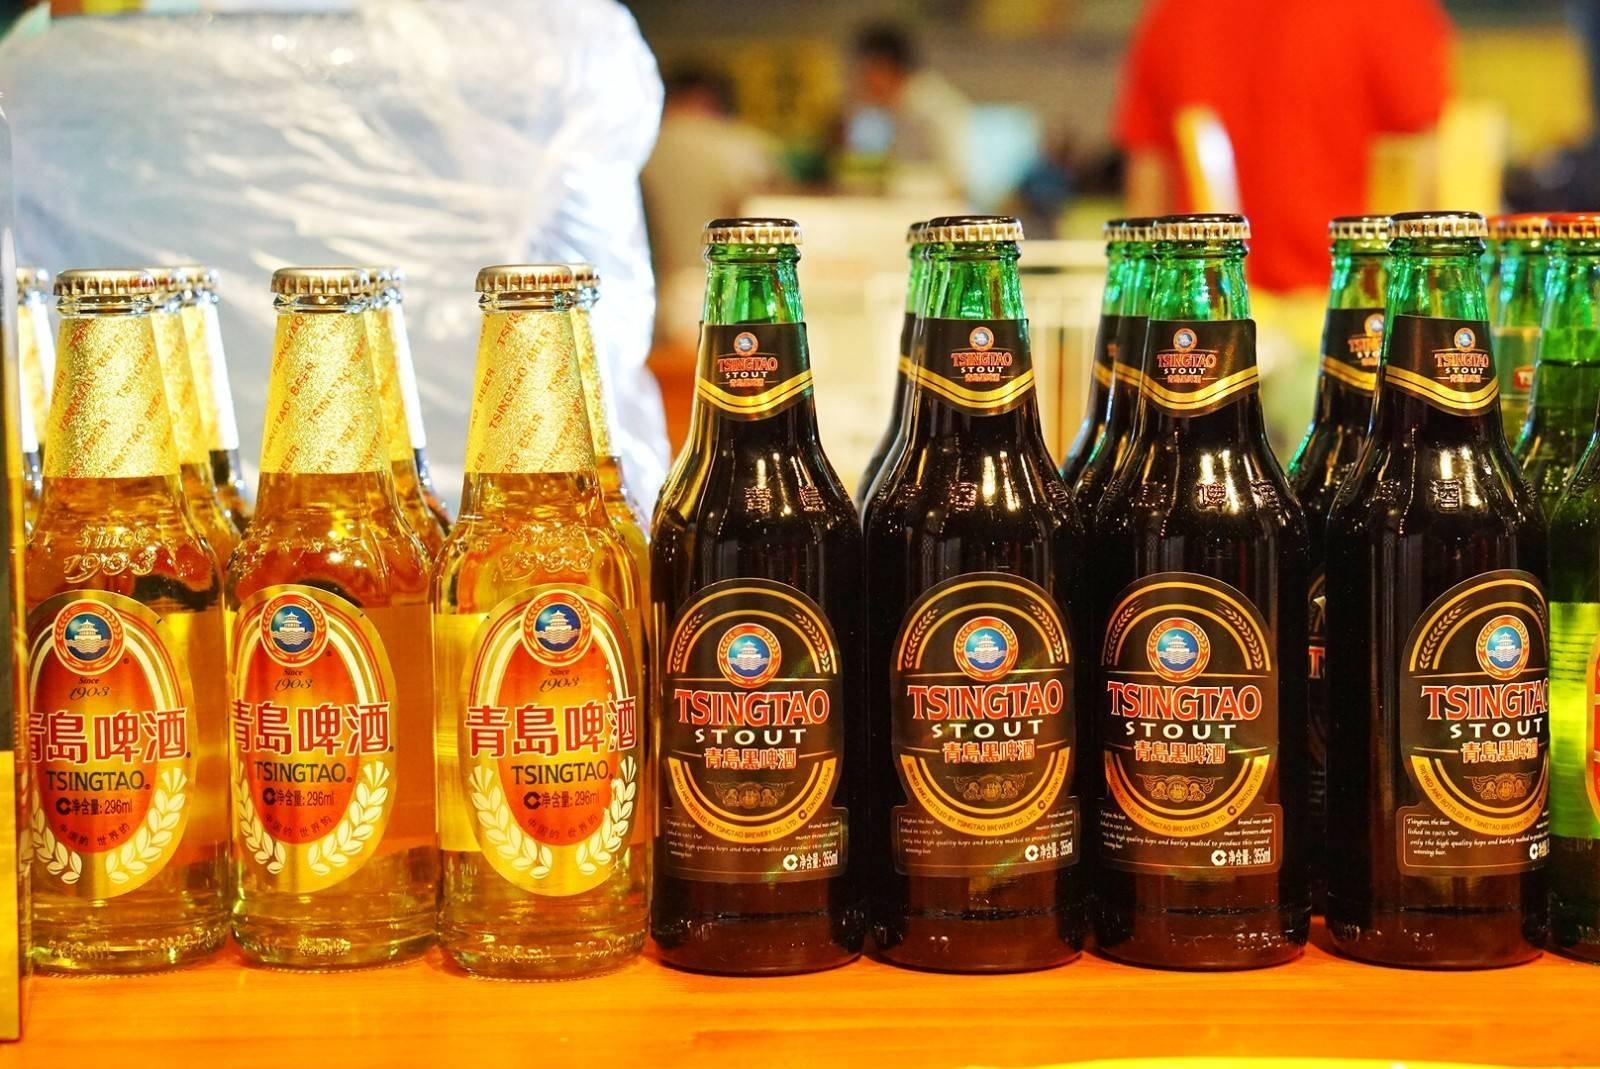 原创             中国最爱喝啤酒的城市,用袋子装酒走着喝,把啤酒当饮料喝